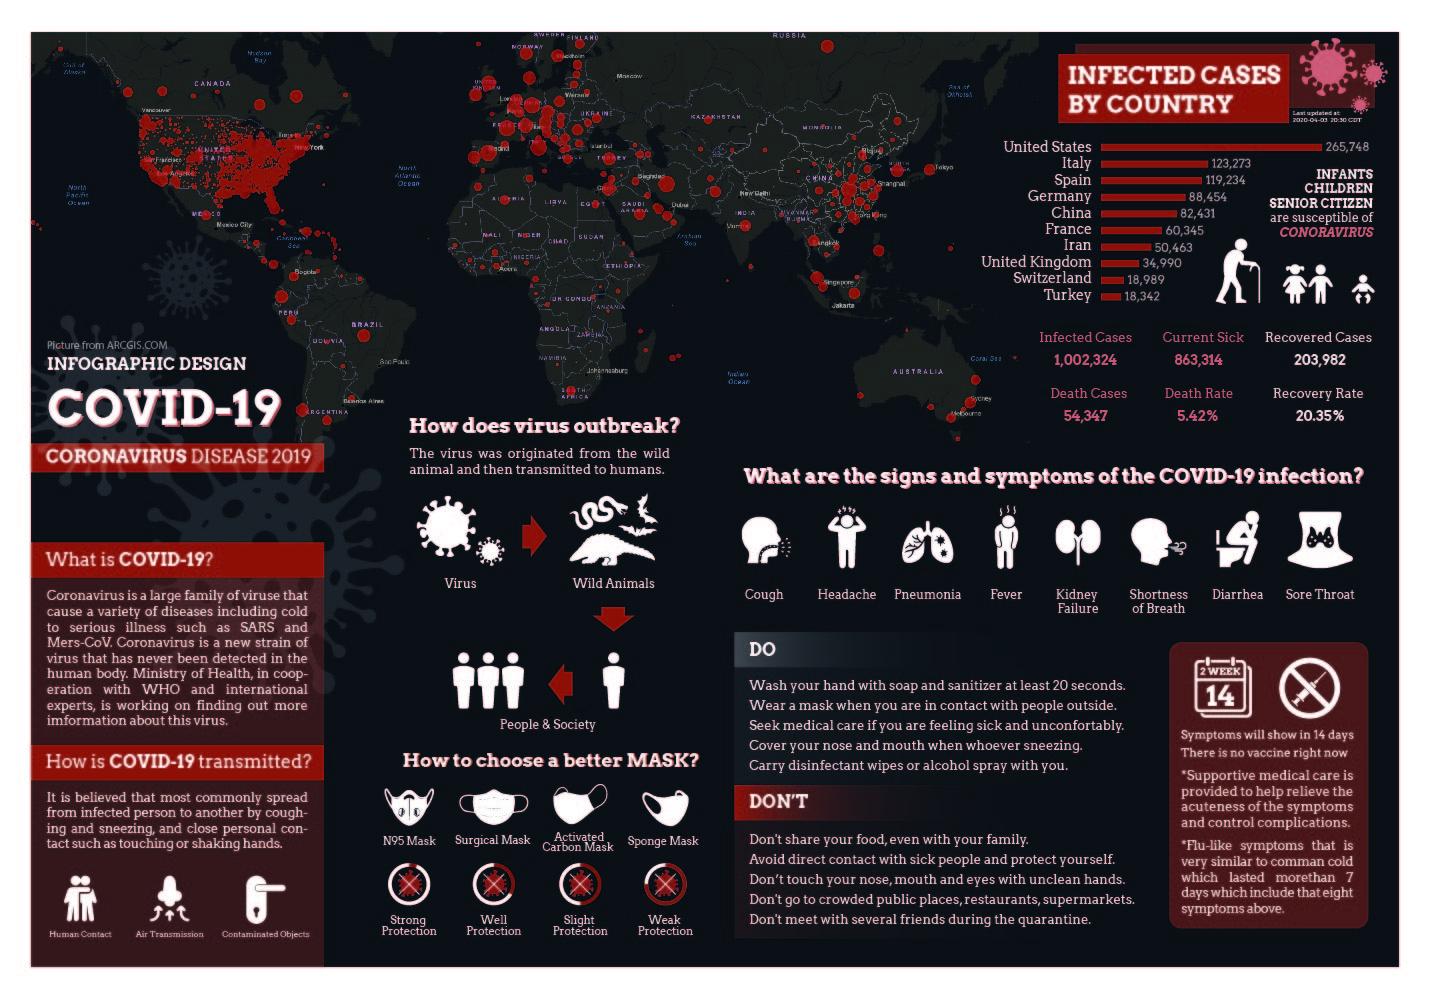 COVID-19 Infographic Design, Zitian Zhou